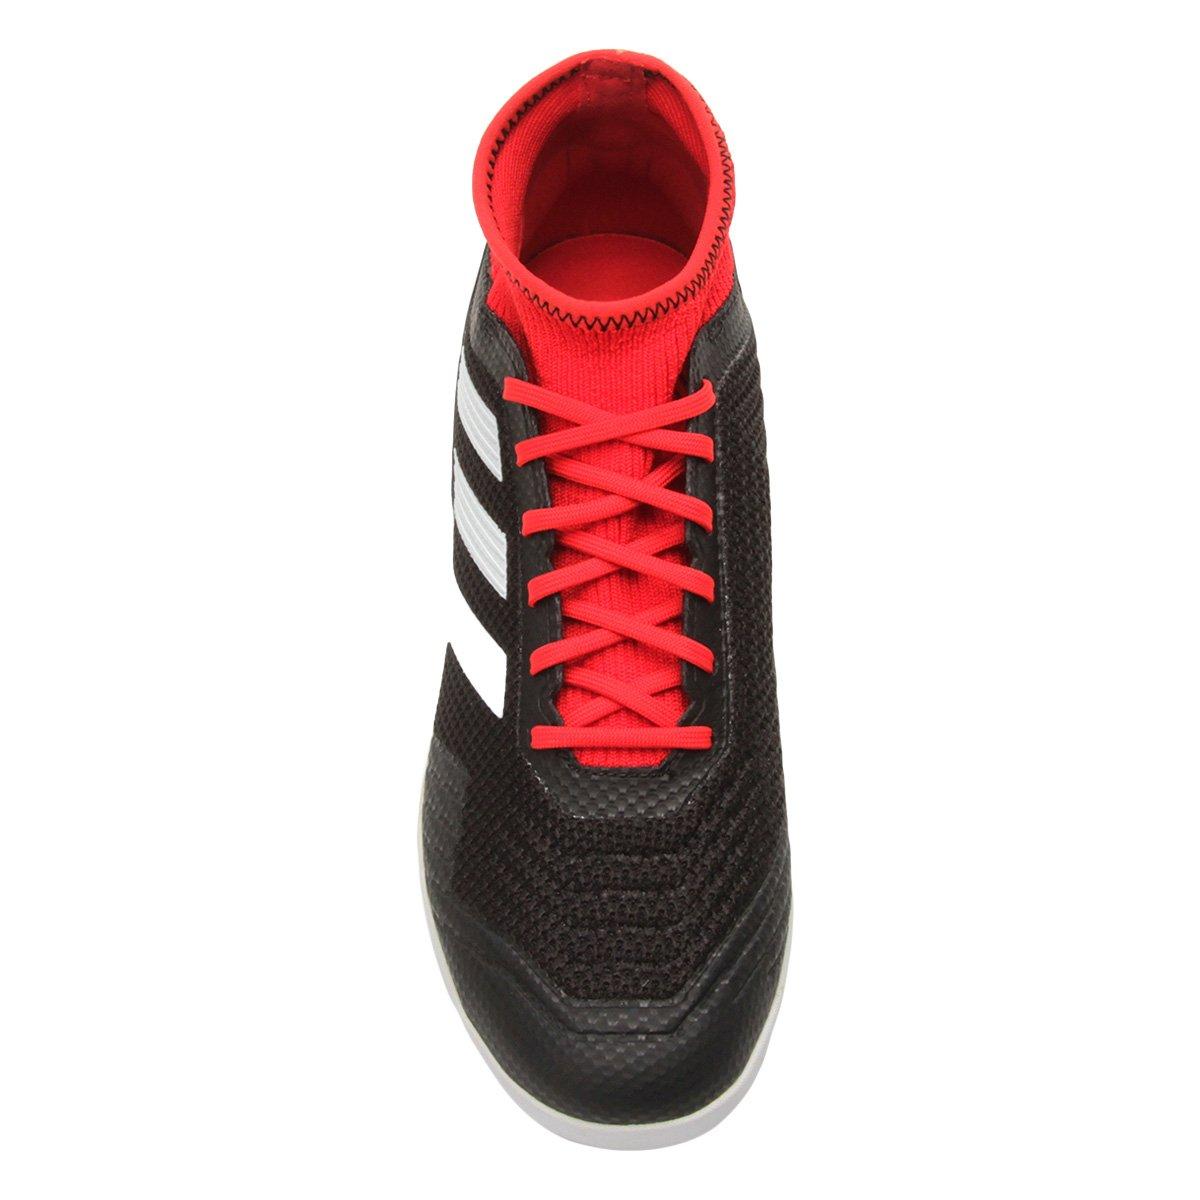 18bb67451 Chuteira Futsal Adidas Predator Tan 18 3 IN | Livelo -Sua Vida com Mais  Recompensas